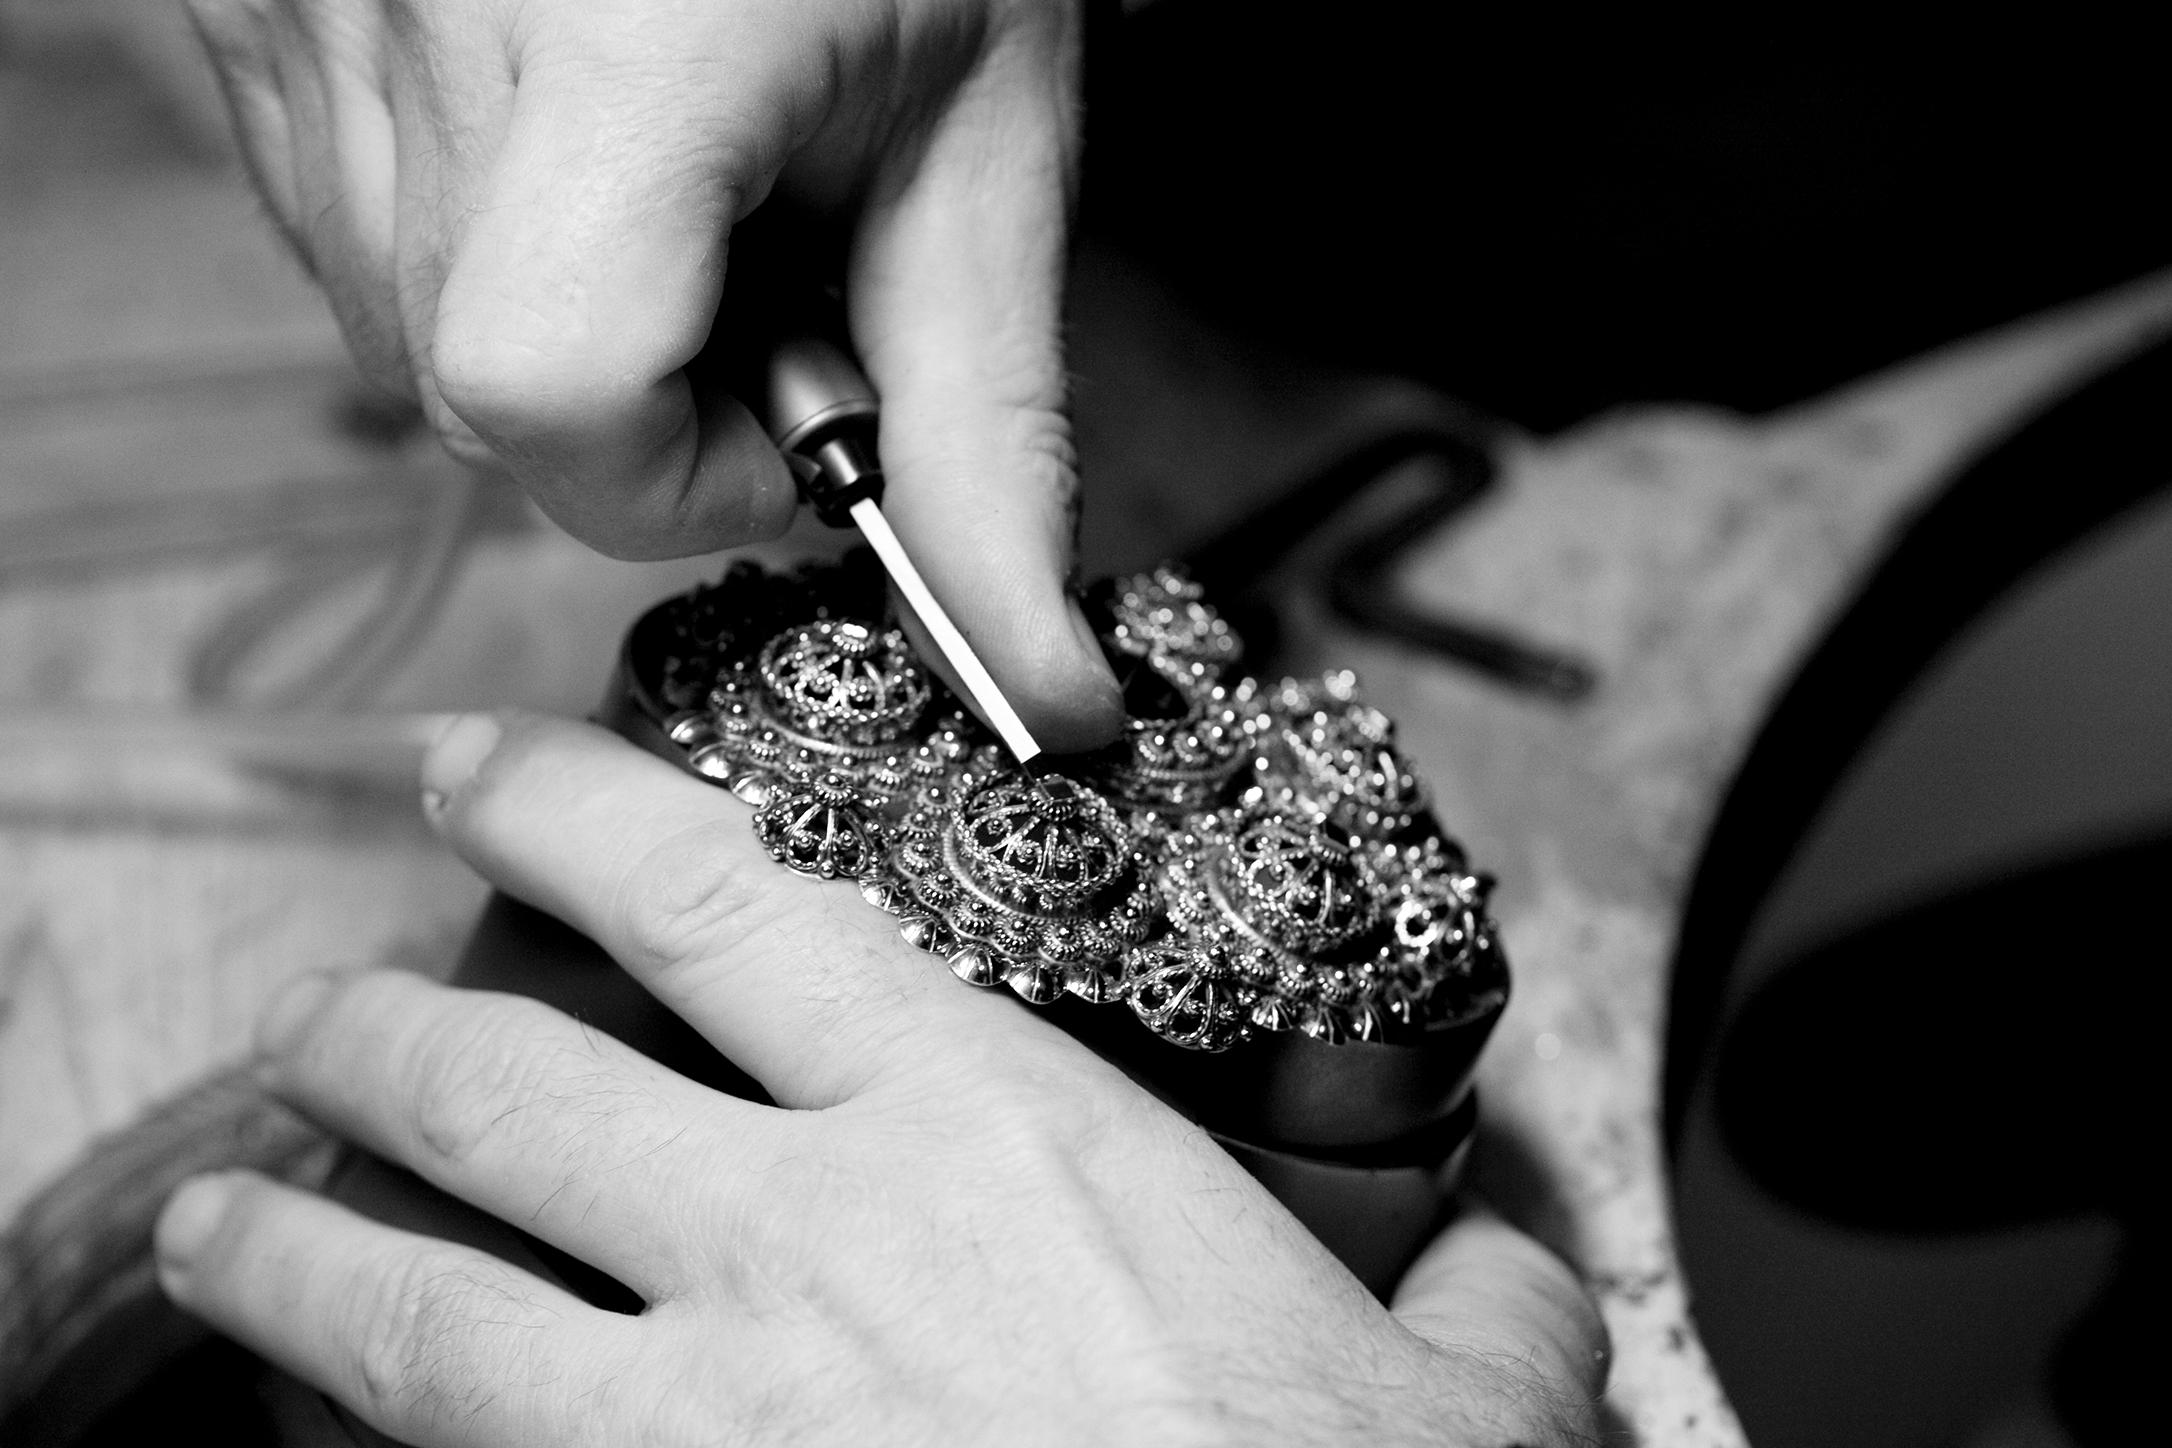 –Det er mange hender som med iver og glede arbeider, filer eller pussar på ei sølje frå produksjonen byrjar til du står med sølja i handa. Når ein byrjar sjå slik på det, er det rimeleg handverk.